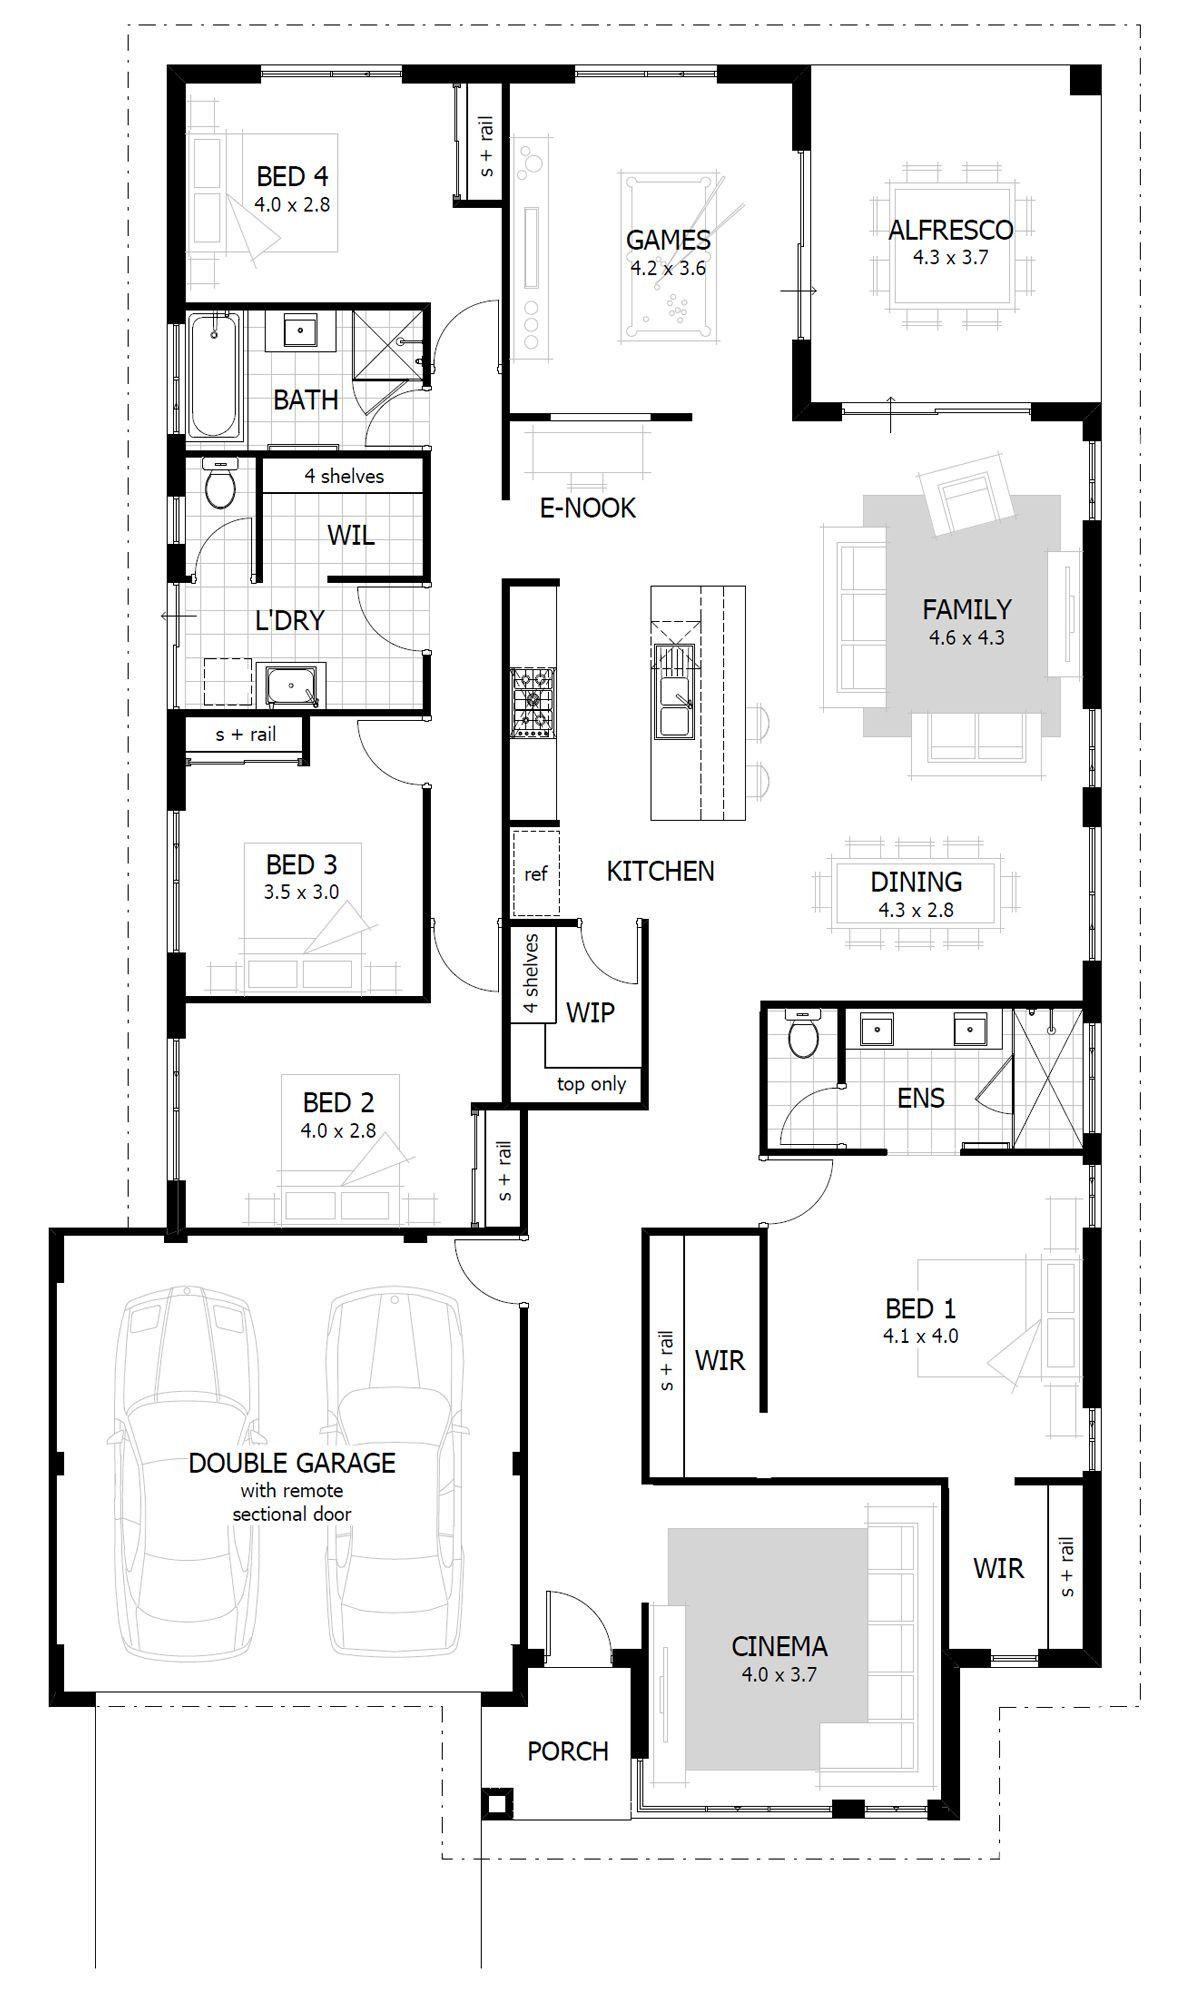 7 Bedroom House Plans Australia 2021 Desain Rumah Rumah Desain